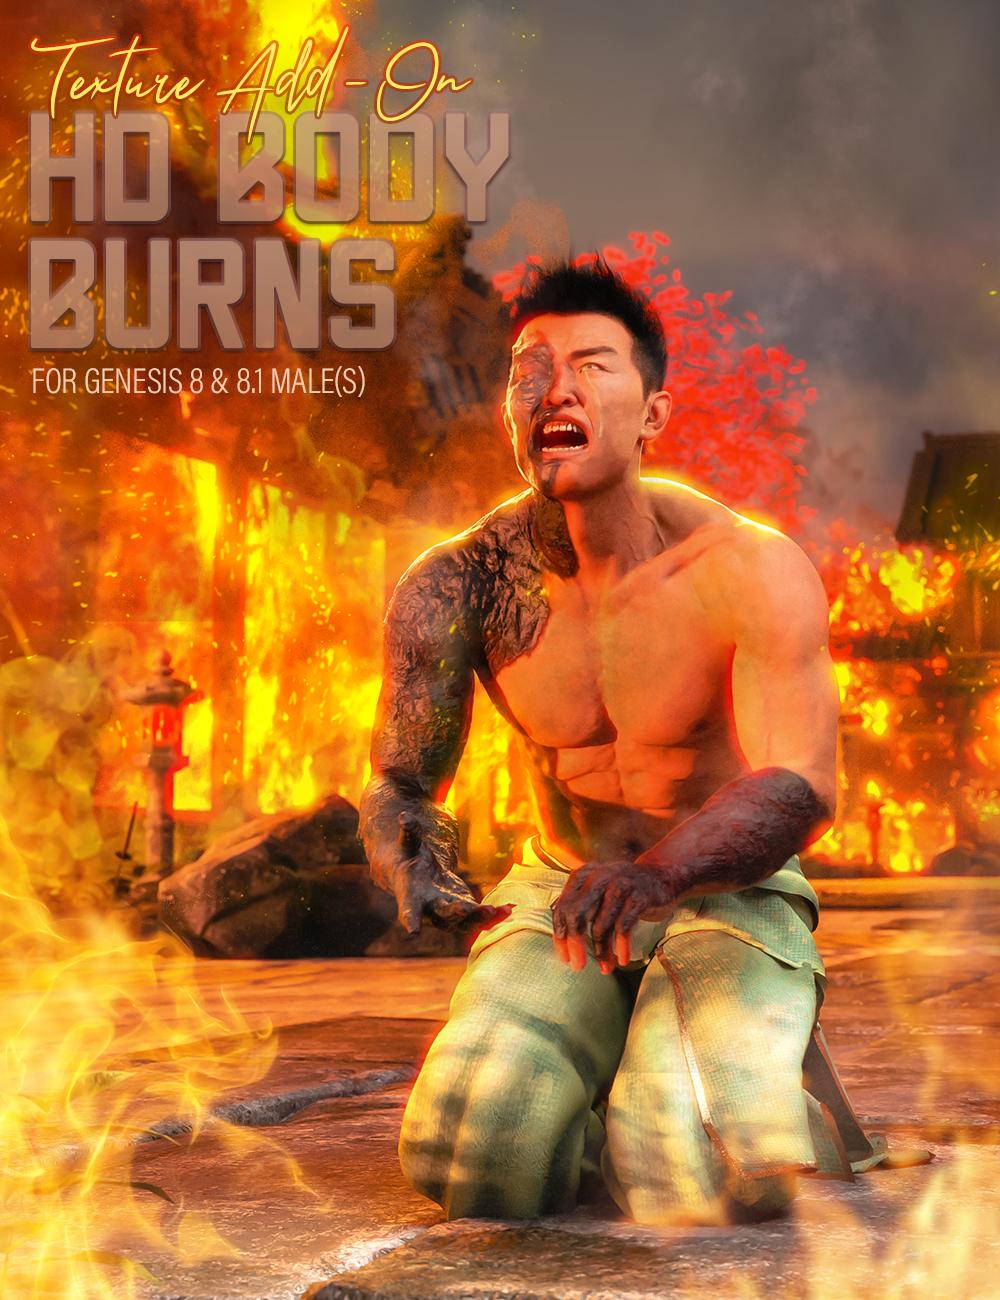 HD Body Burns Add-On for Genesis 8 and 8.1 Males by: FenixPhoenixEsid, 3D Models by Daz 3D